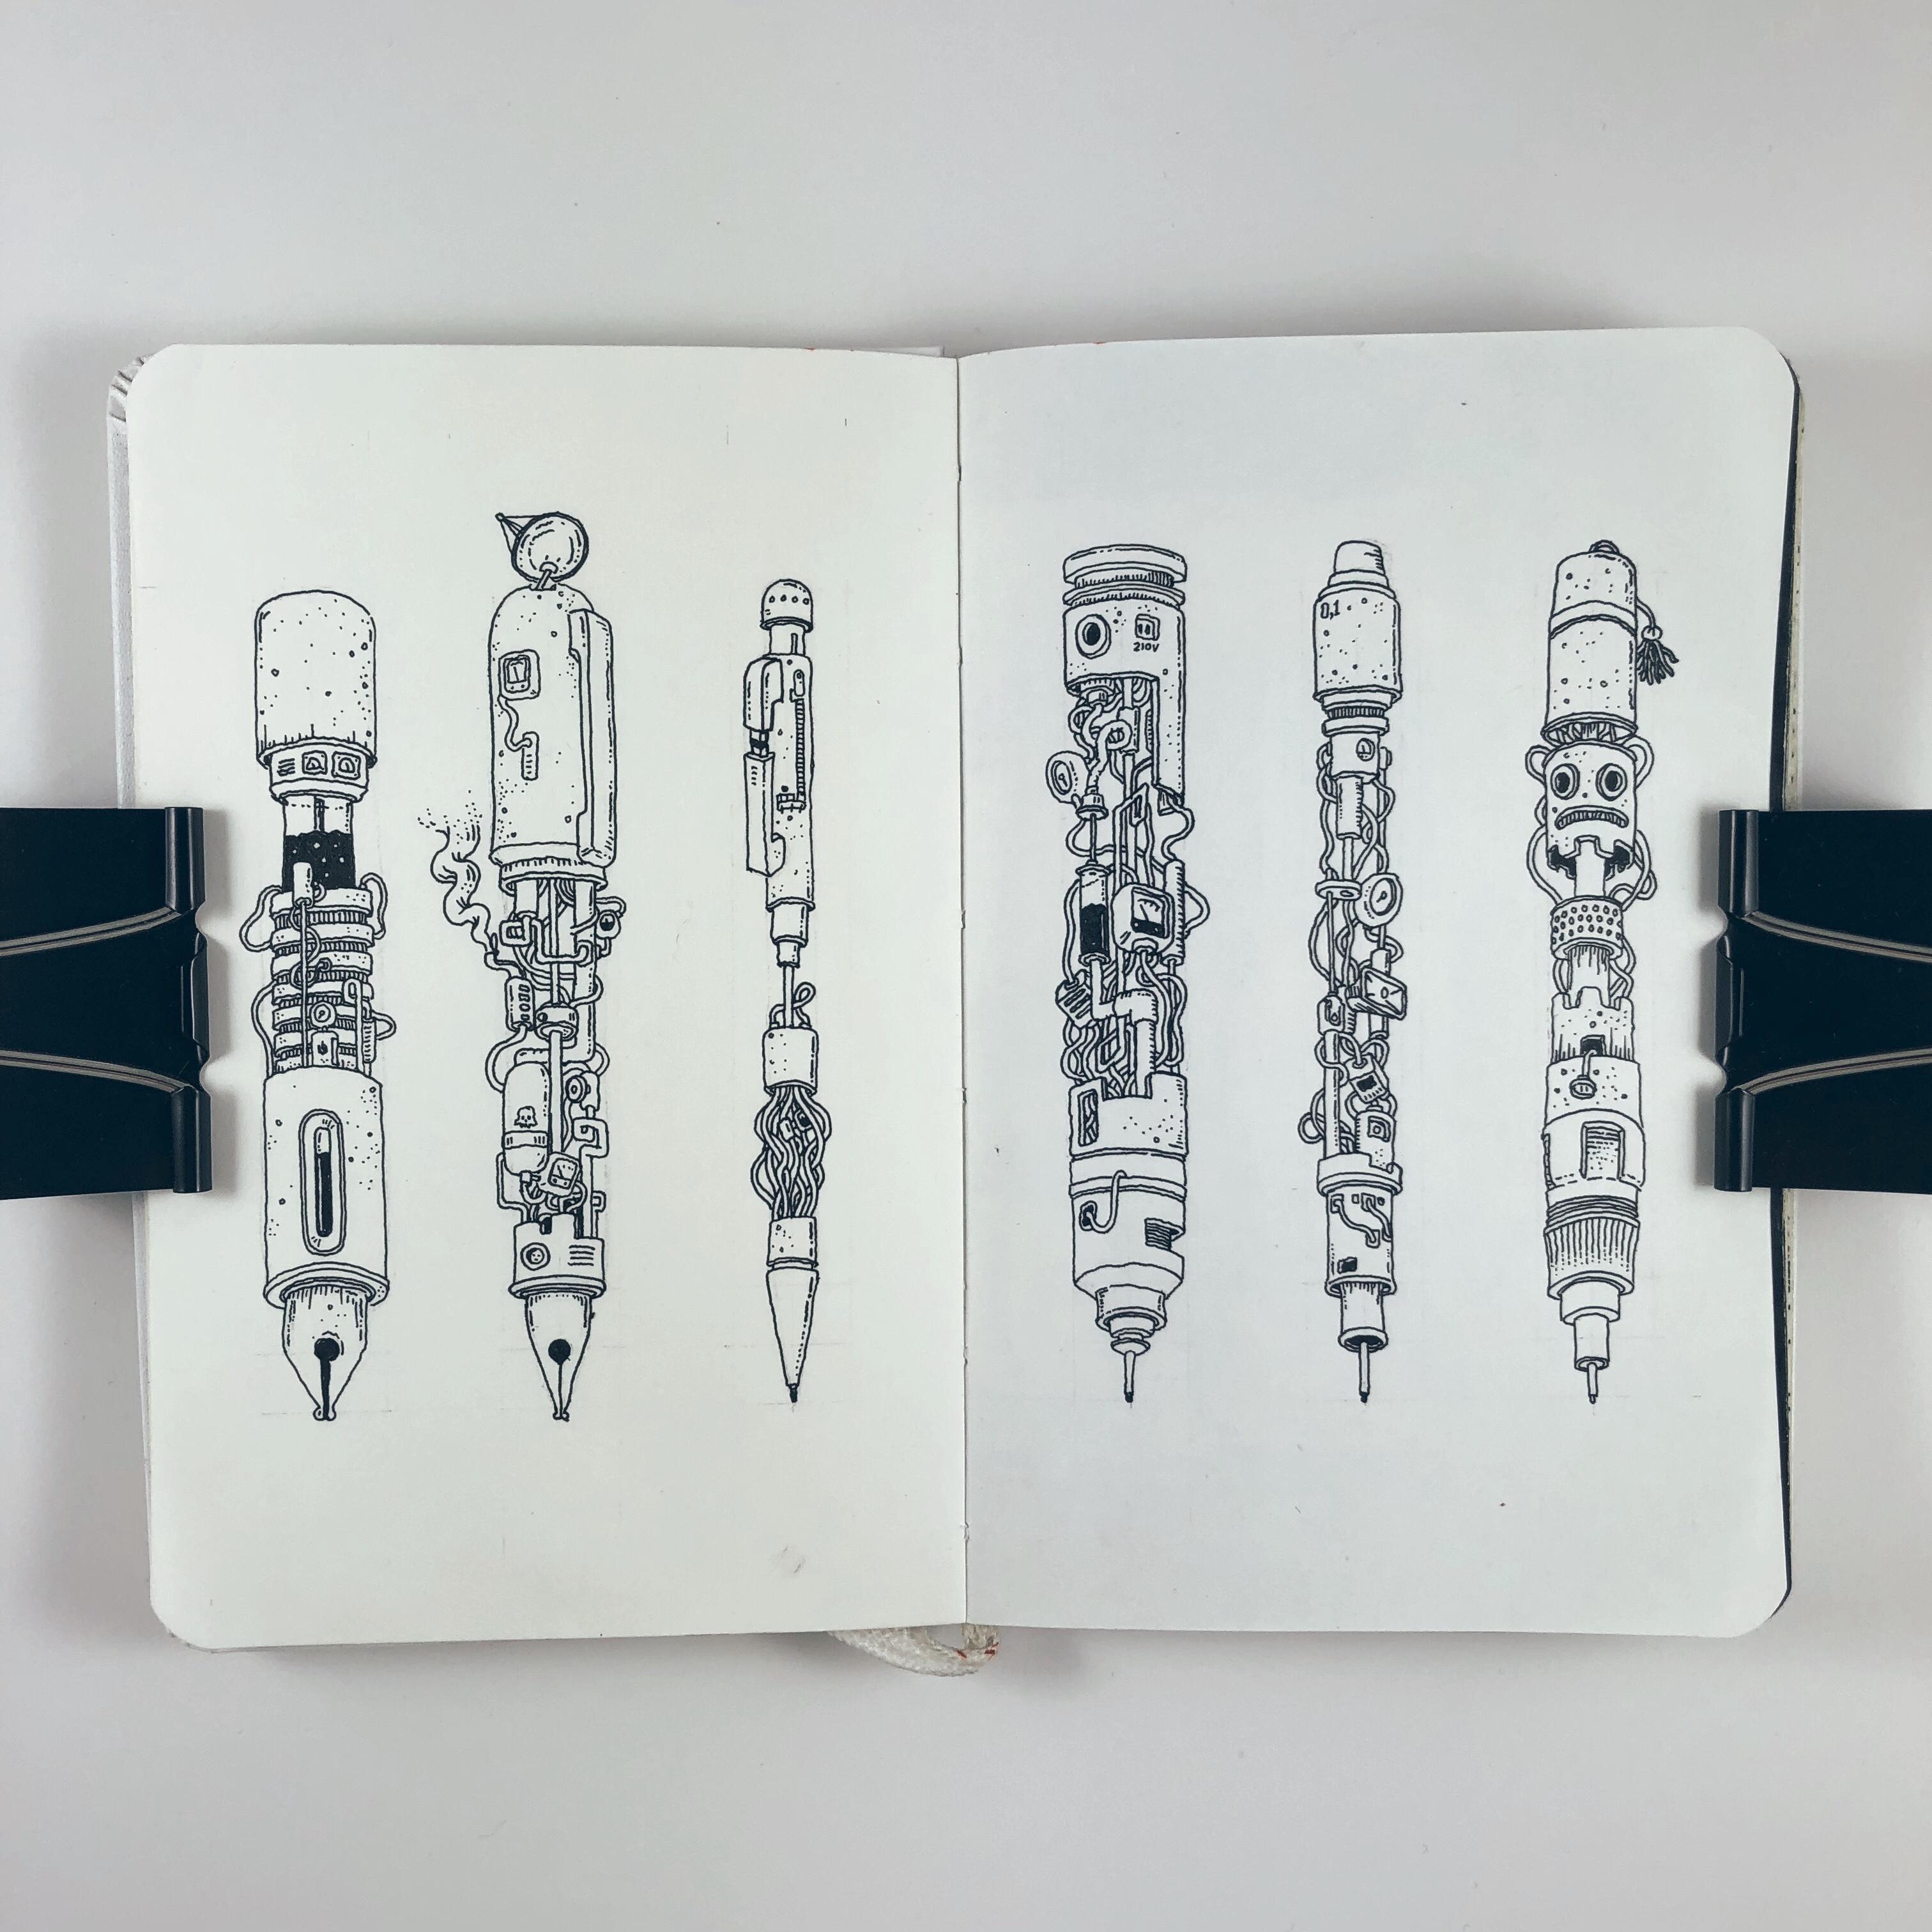 Ink machines